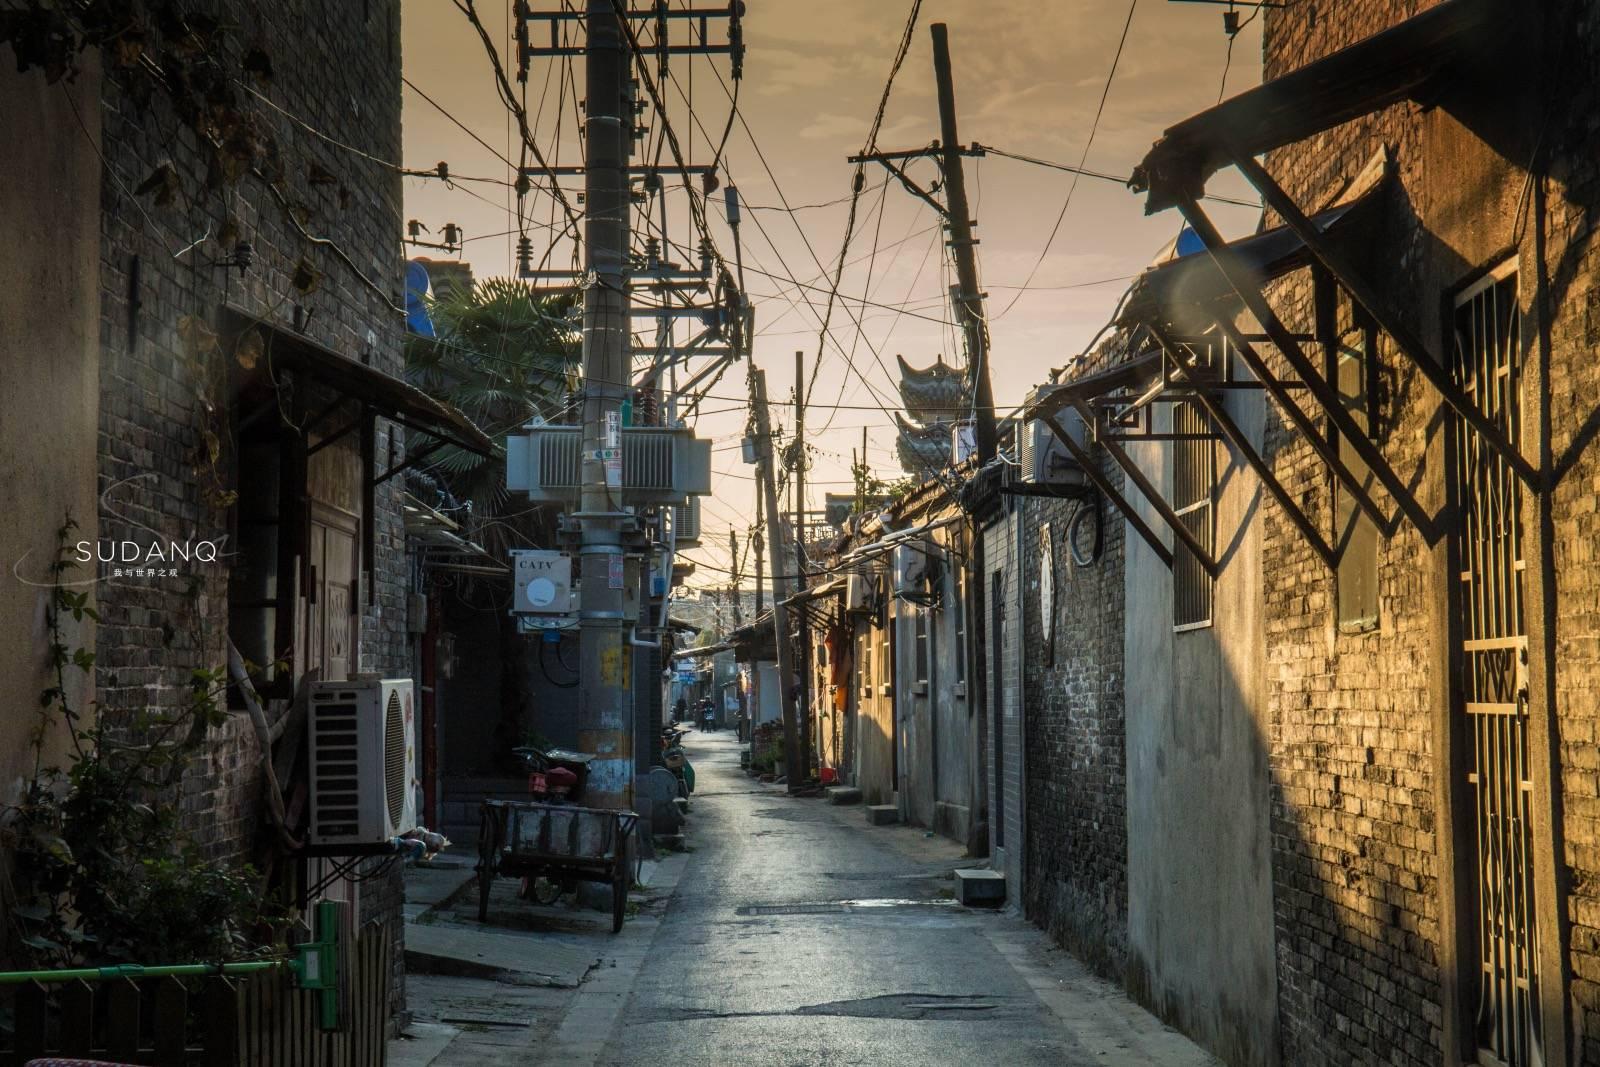 原创被低估的一座千年古城:令人陶醉的扬州丁家湾,弥漫着城市烟火气